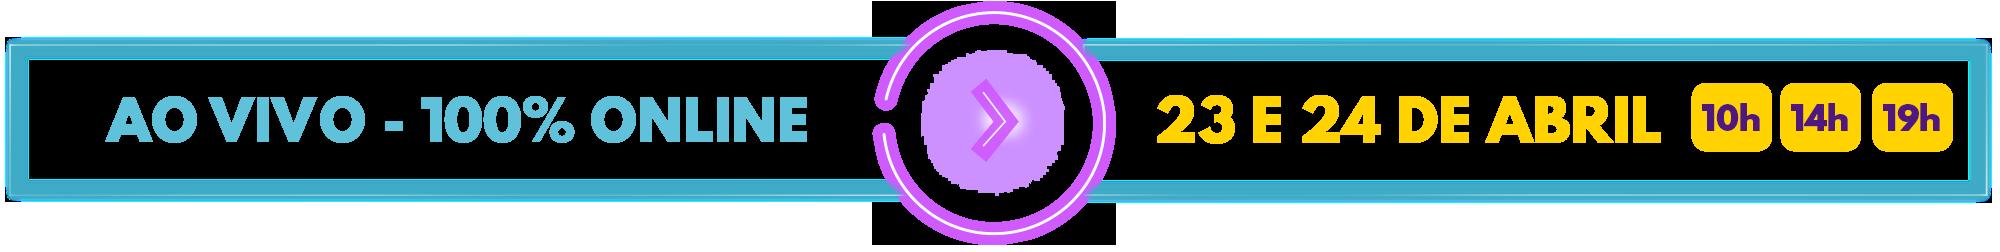 Ao Vivo - 100% Online / Dias 23 e 24 de Abril de 2020.